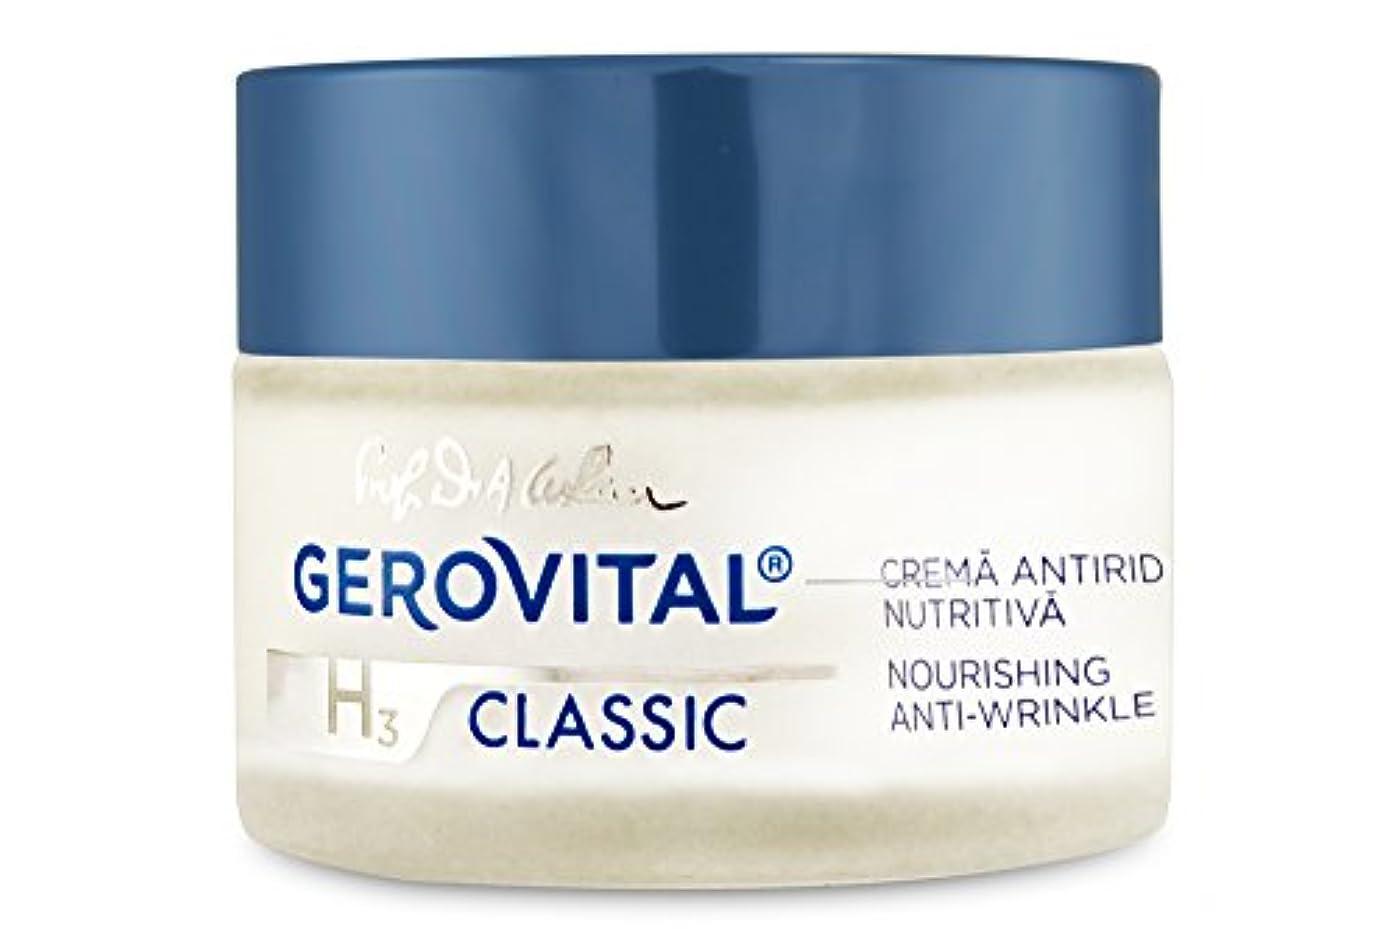 血色の良い対応同等のジェロビタール H3 クラシック アンチリンクル ナリシングクリーム 50 ml / 1.69 fl.oz. [海外直送] [並行輸入品]